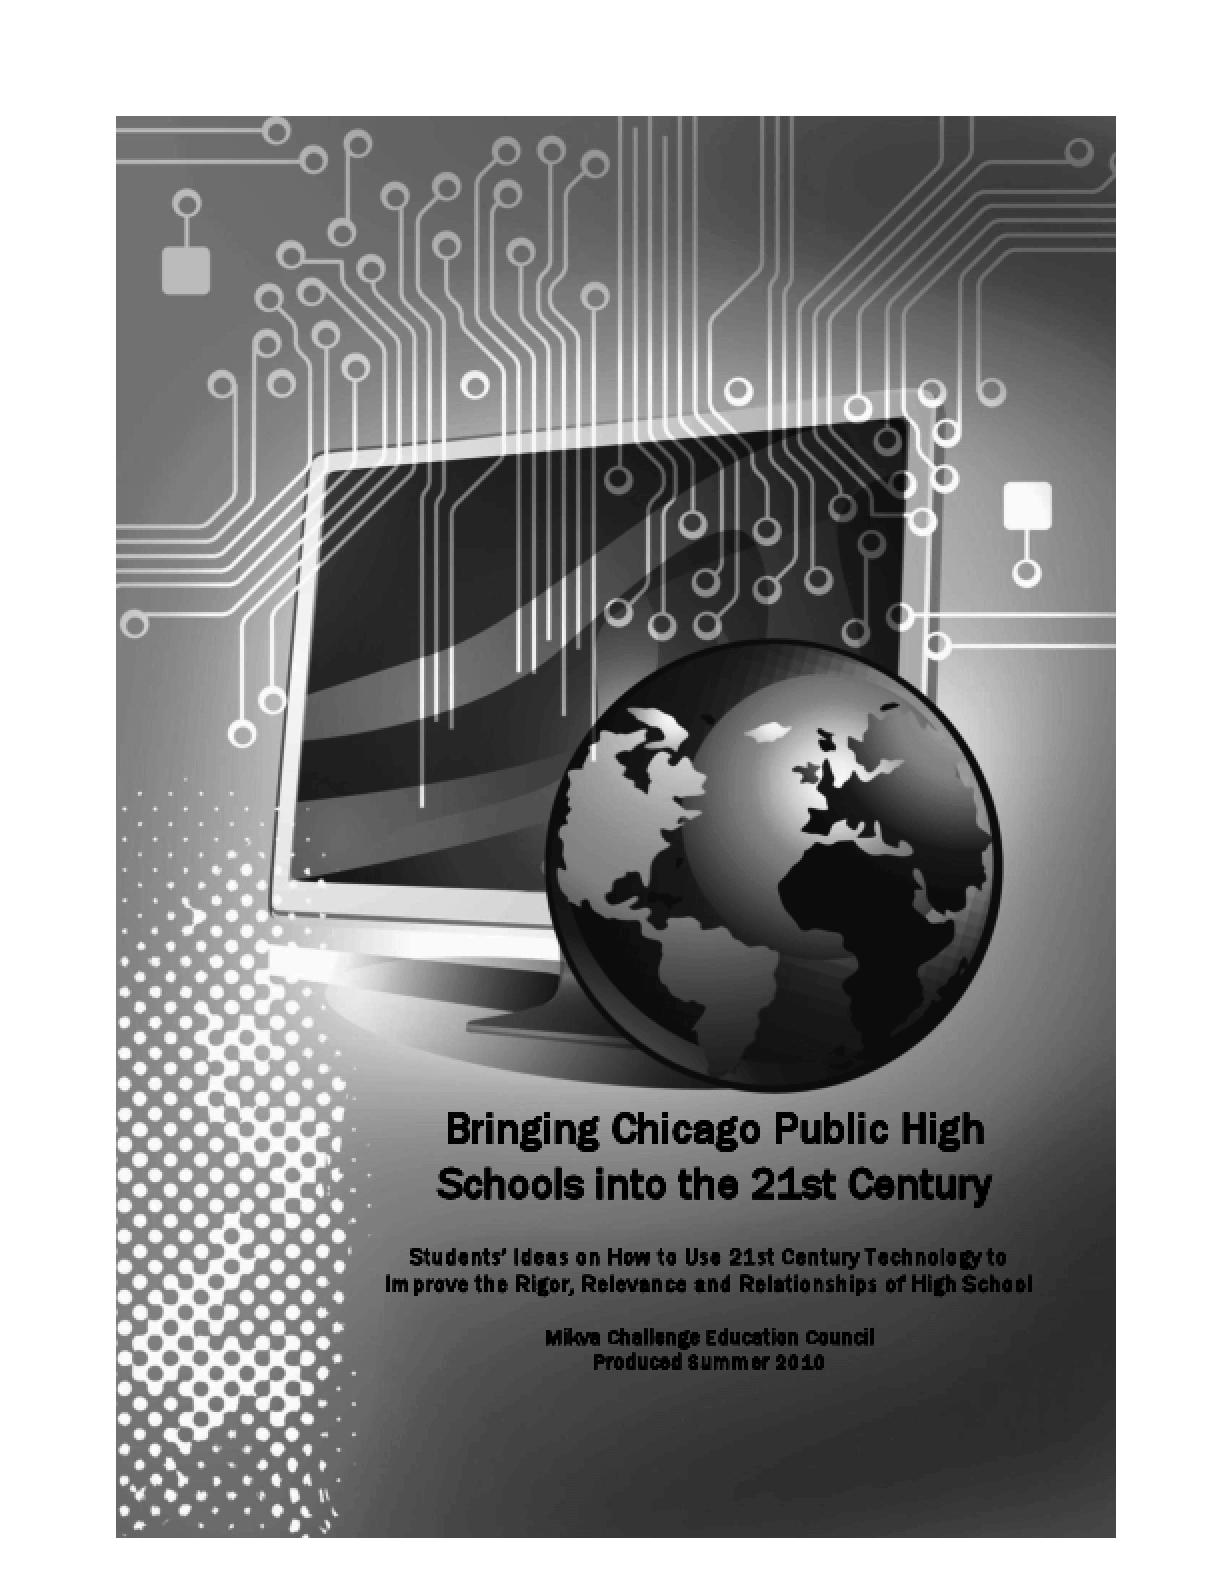 Bringing Chicago Public Schools into the 21st Century